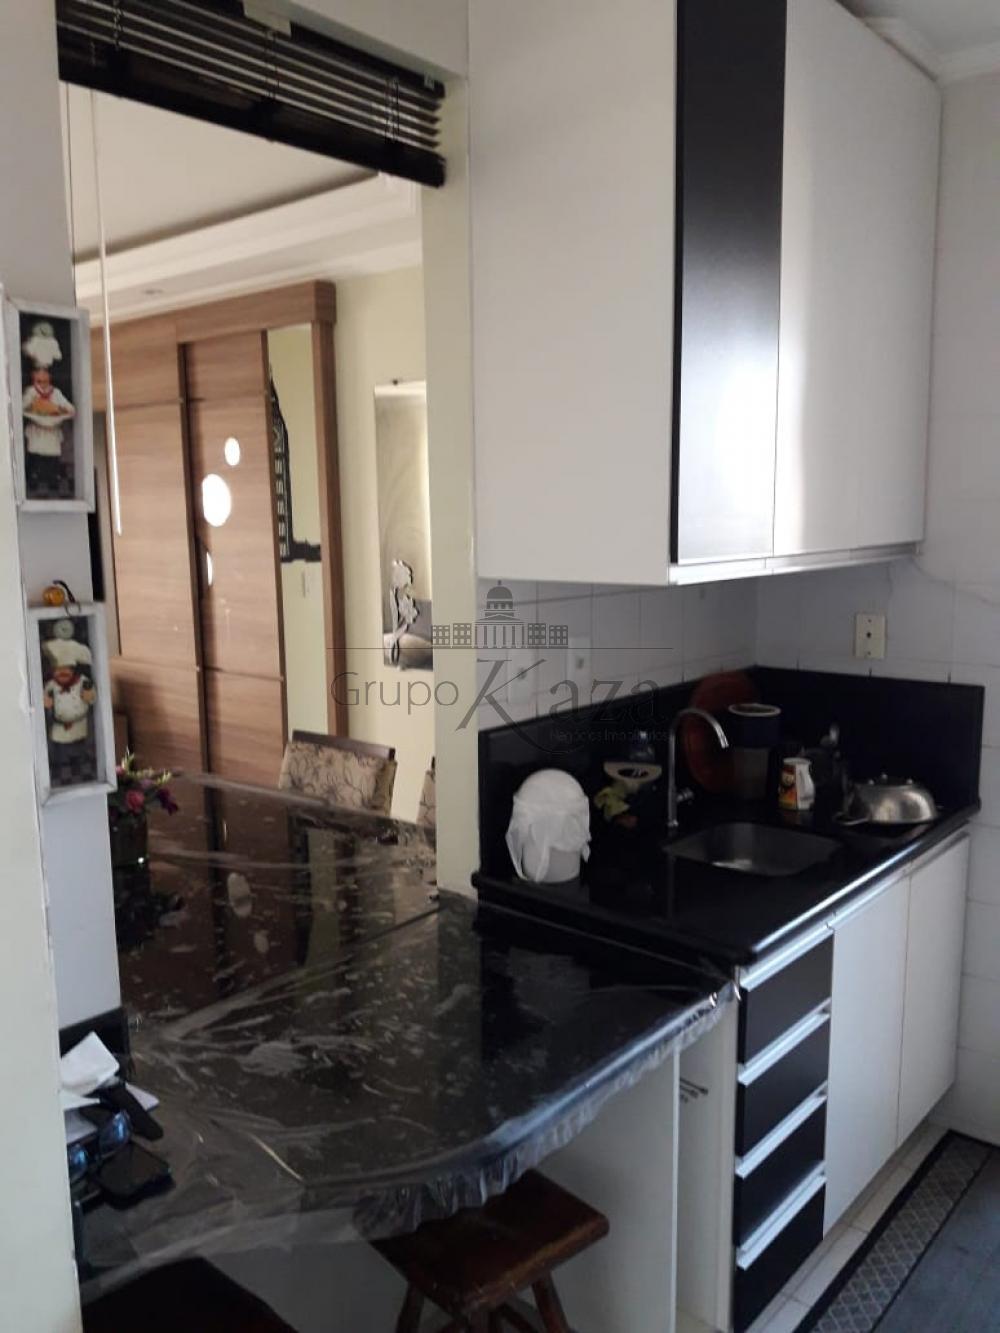 alt='Comprar Apartamento / Padrão em São José dos Campos R$ 435.000,00 - Foto 4' title='Comprar Apartamento / Padrão em São José dos Campos R$ 435.000,00 - Foto 4'